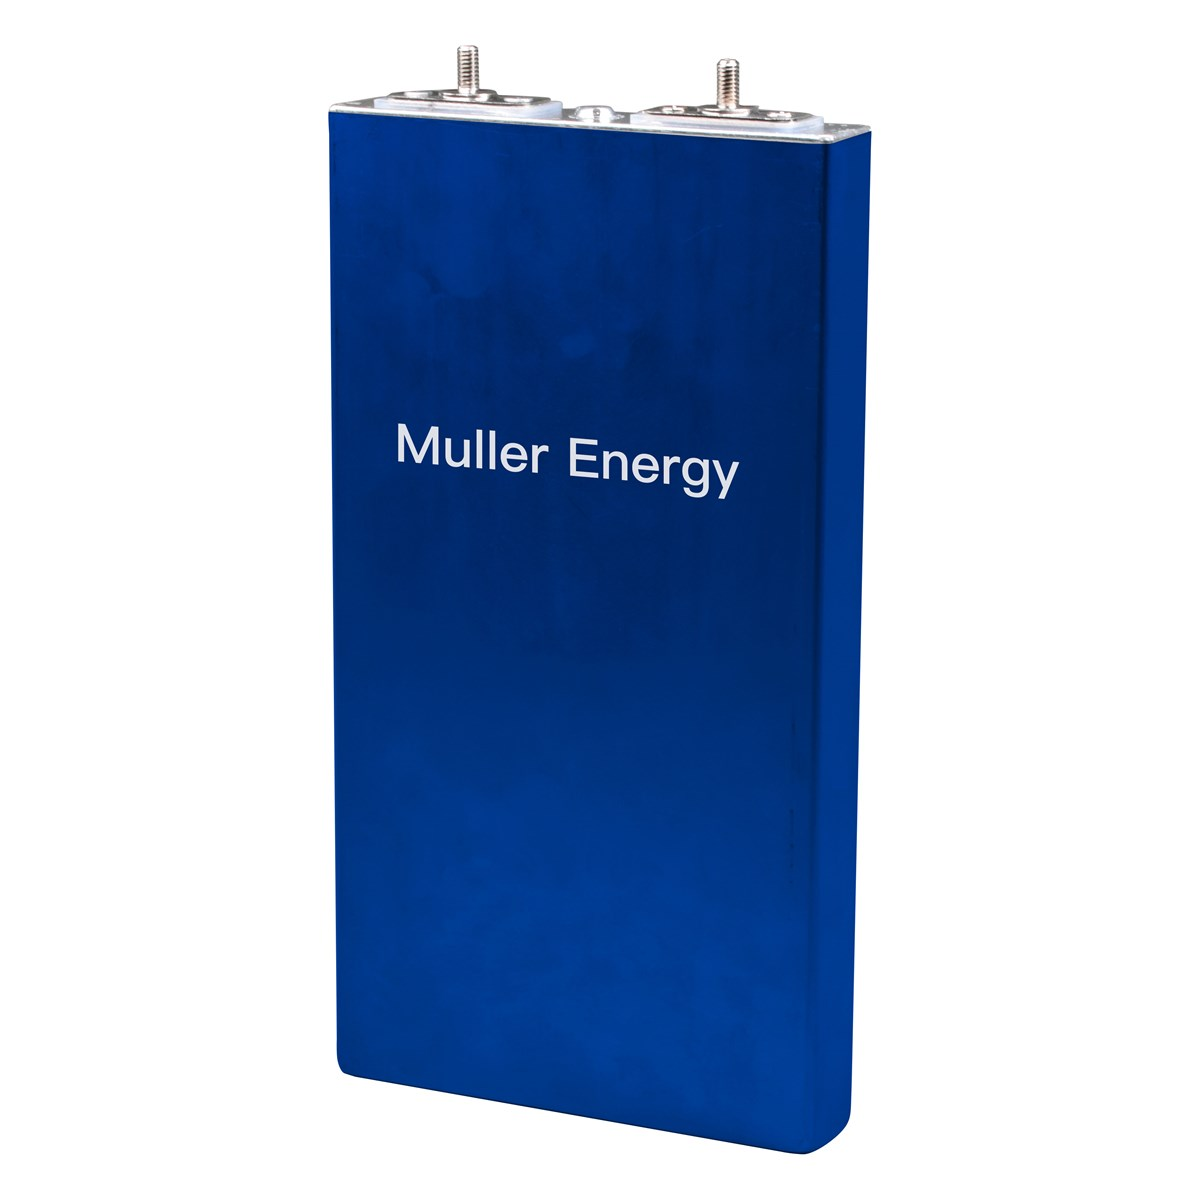 Bolt type LFP 100AH Battery Cell